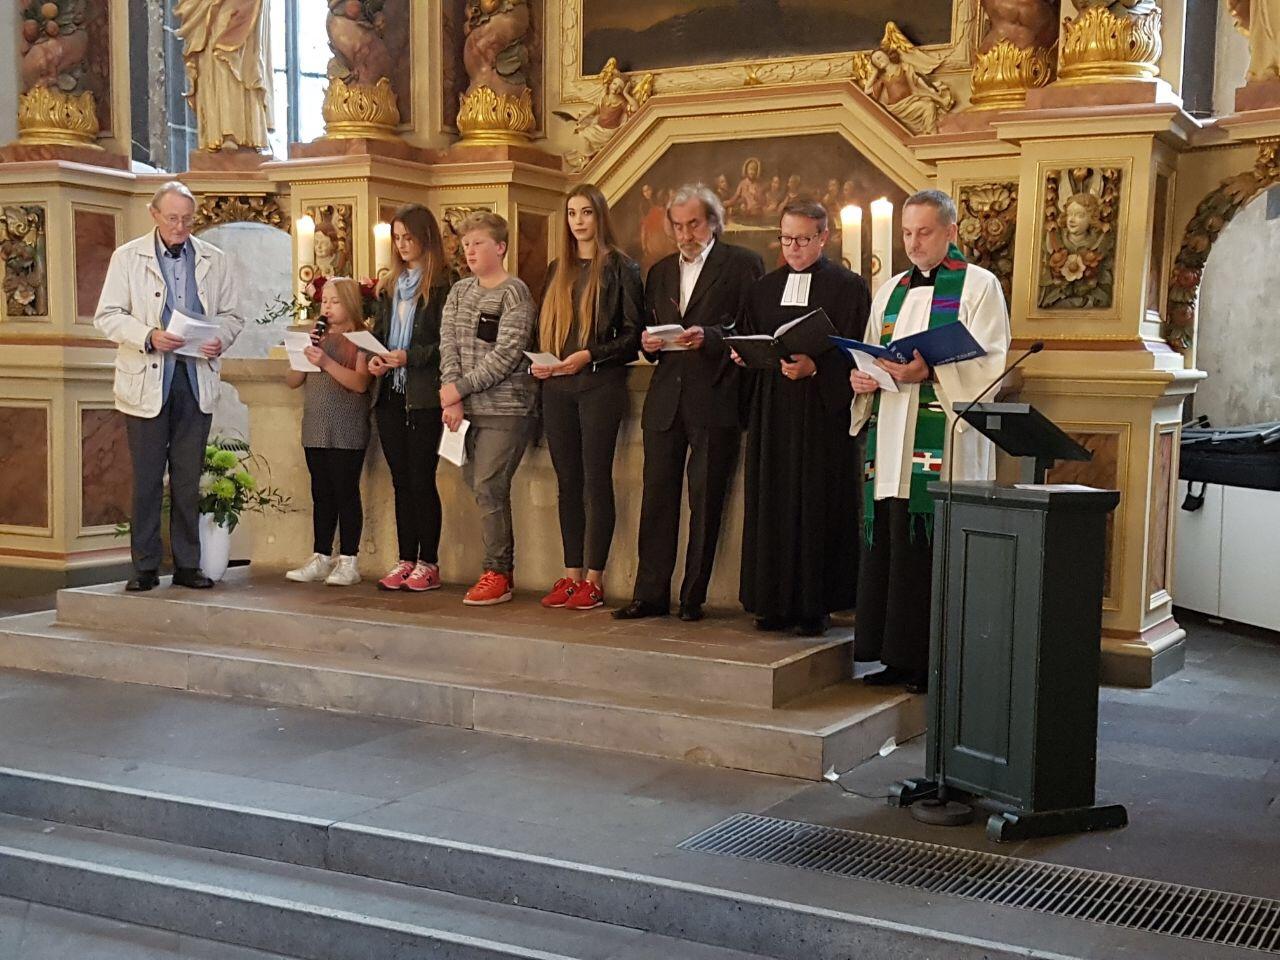 Gottesdienst in der St. Blasius Kiche